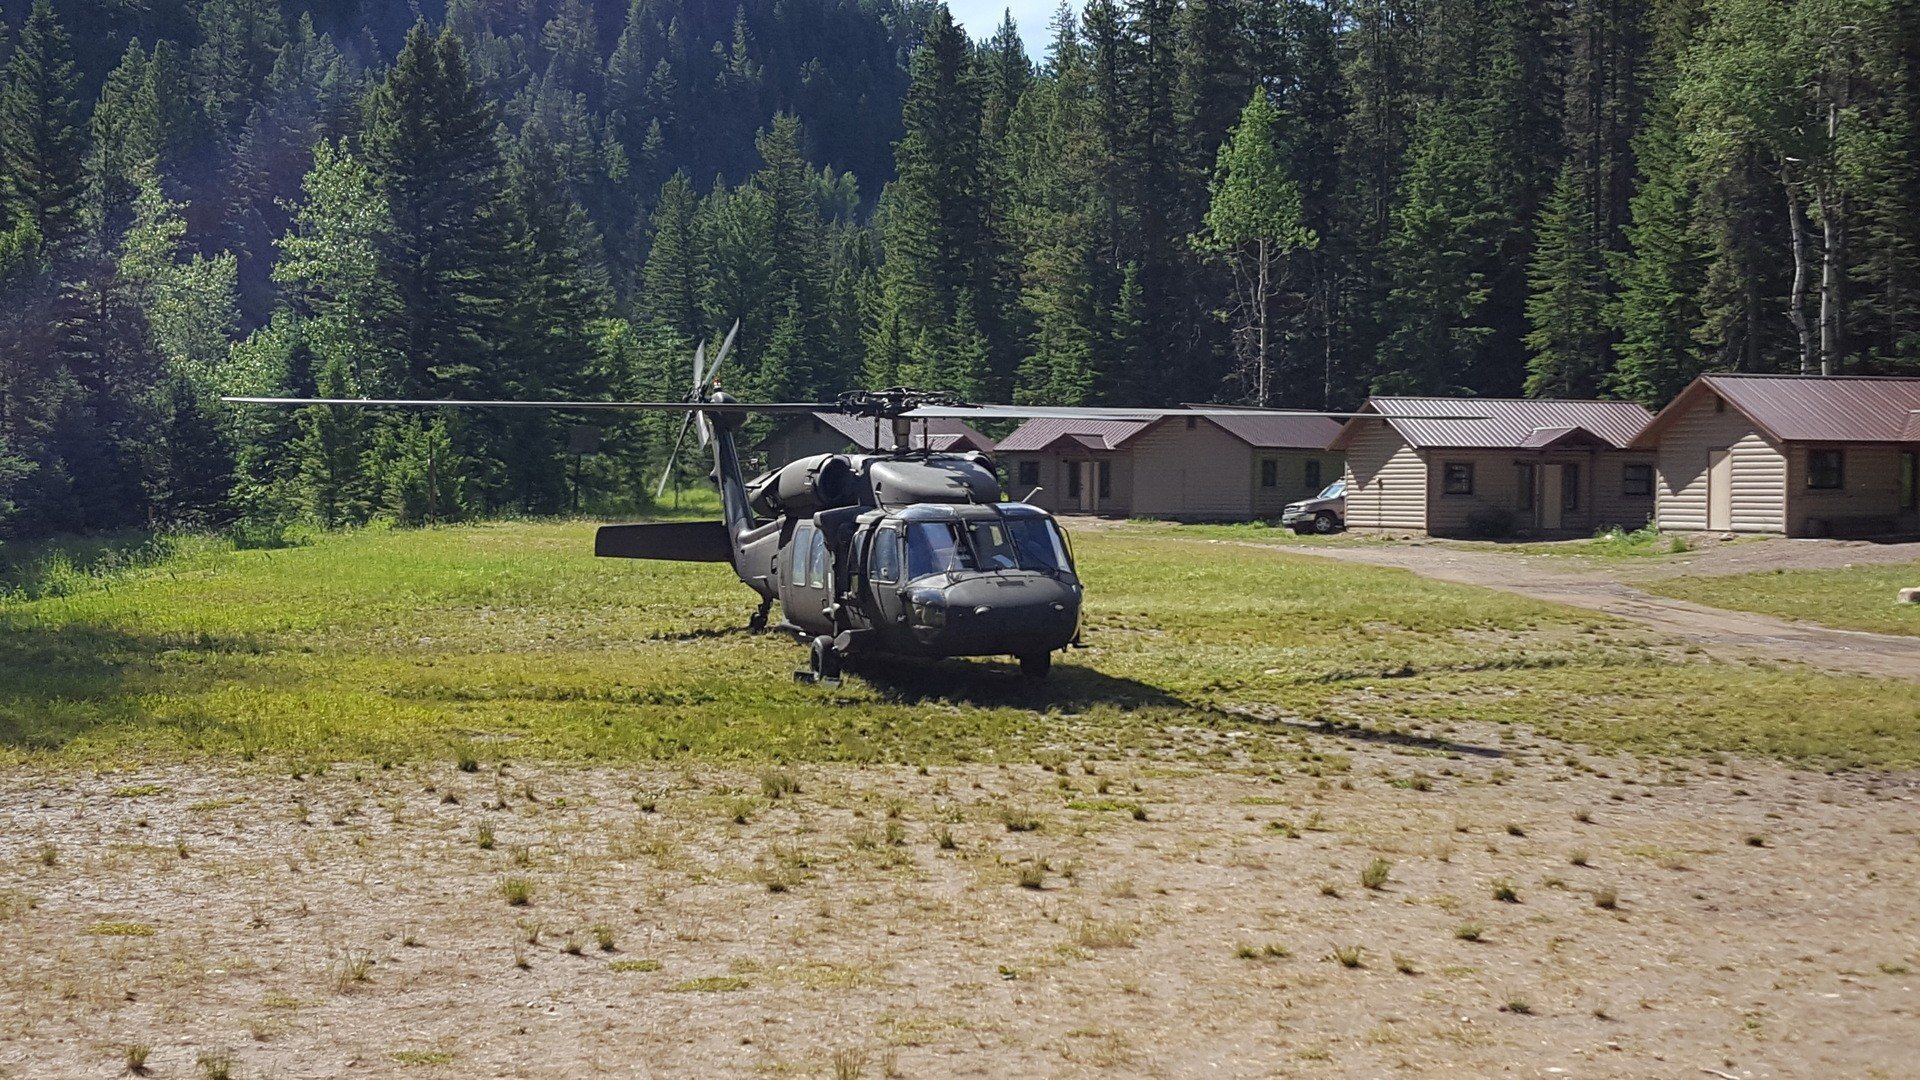 28 - Blackhawk Helicopter Lands